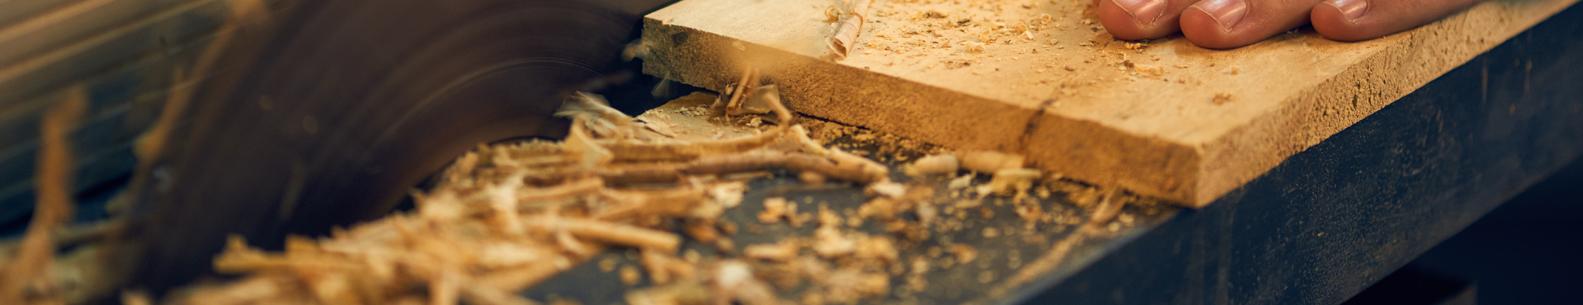 Statybinės pjovimo staklės